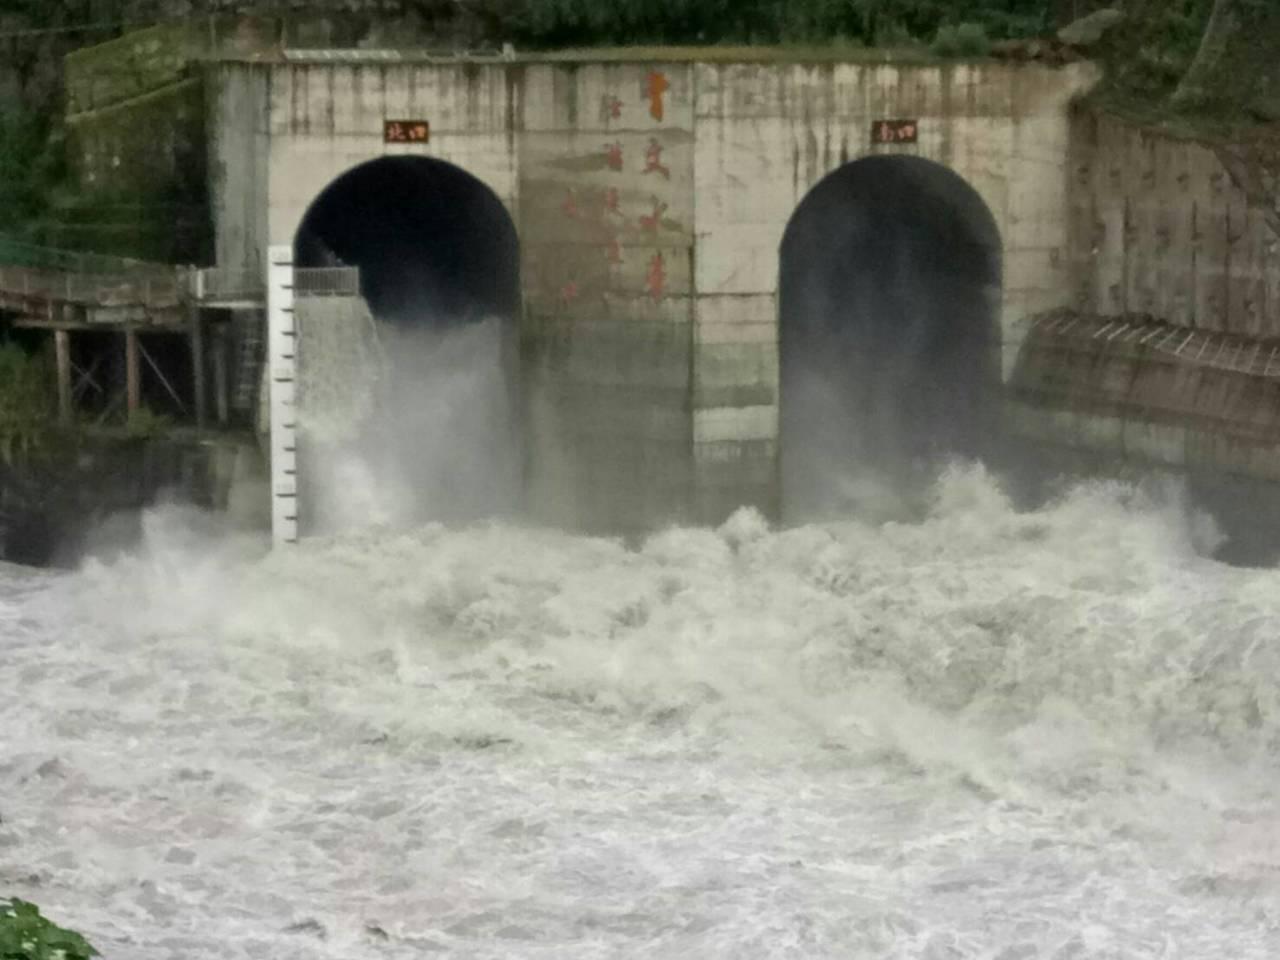 曾文水庫蓄水率約77.6%,晚上8點開始調節性放水。圖/南水局提供